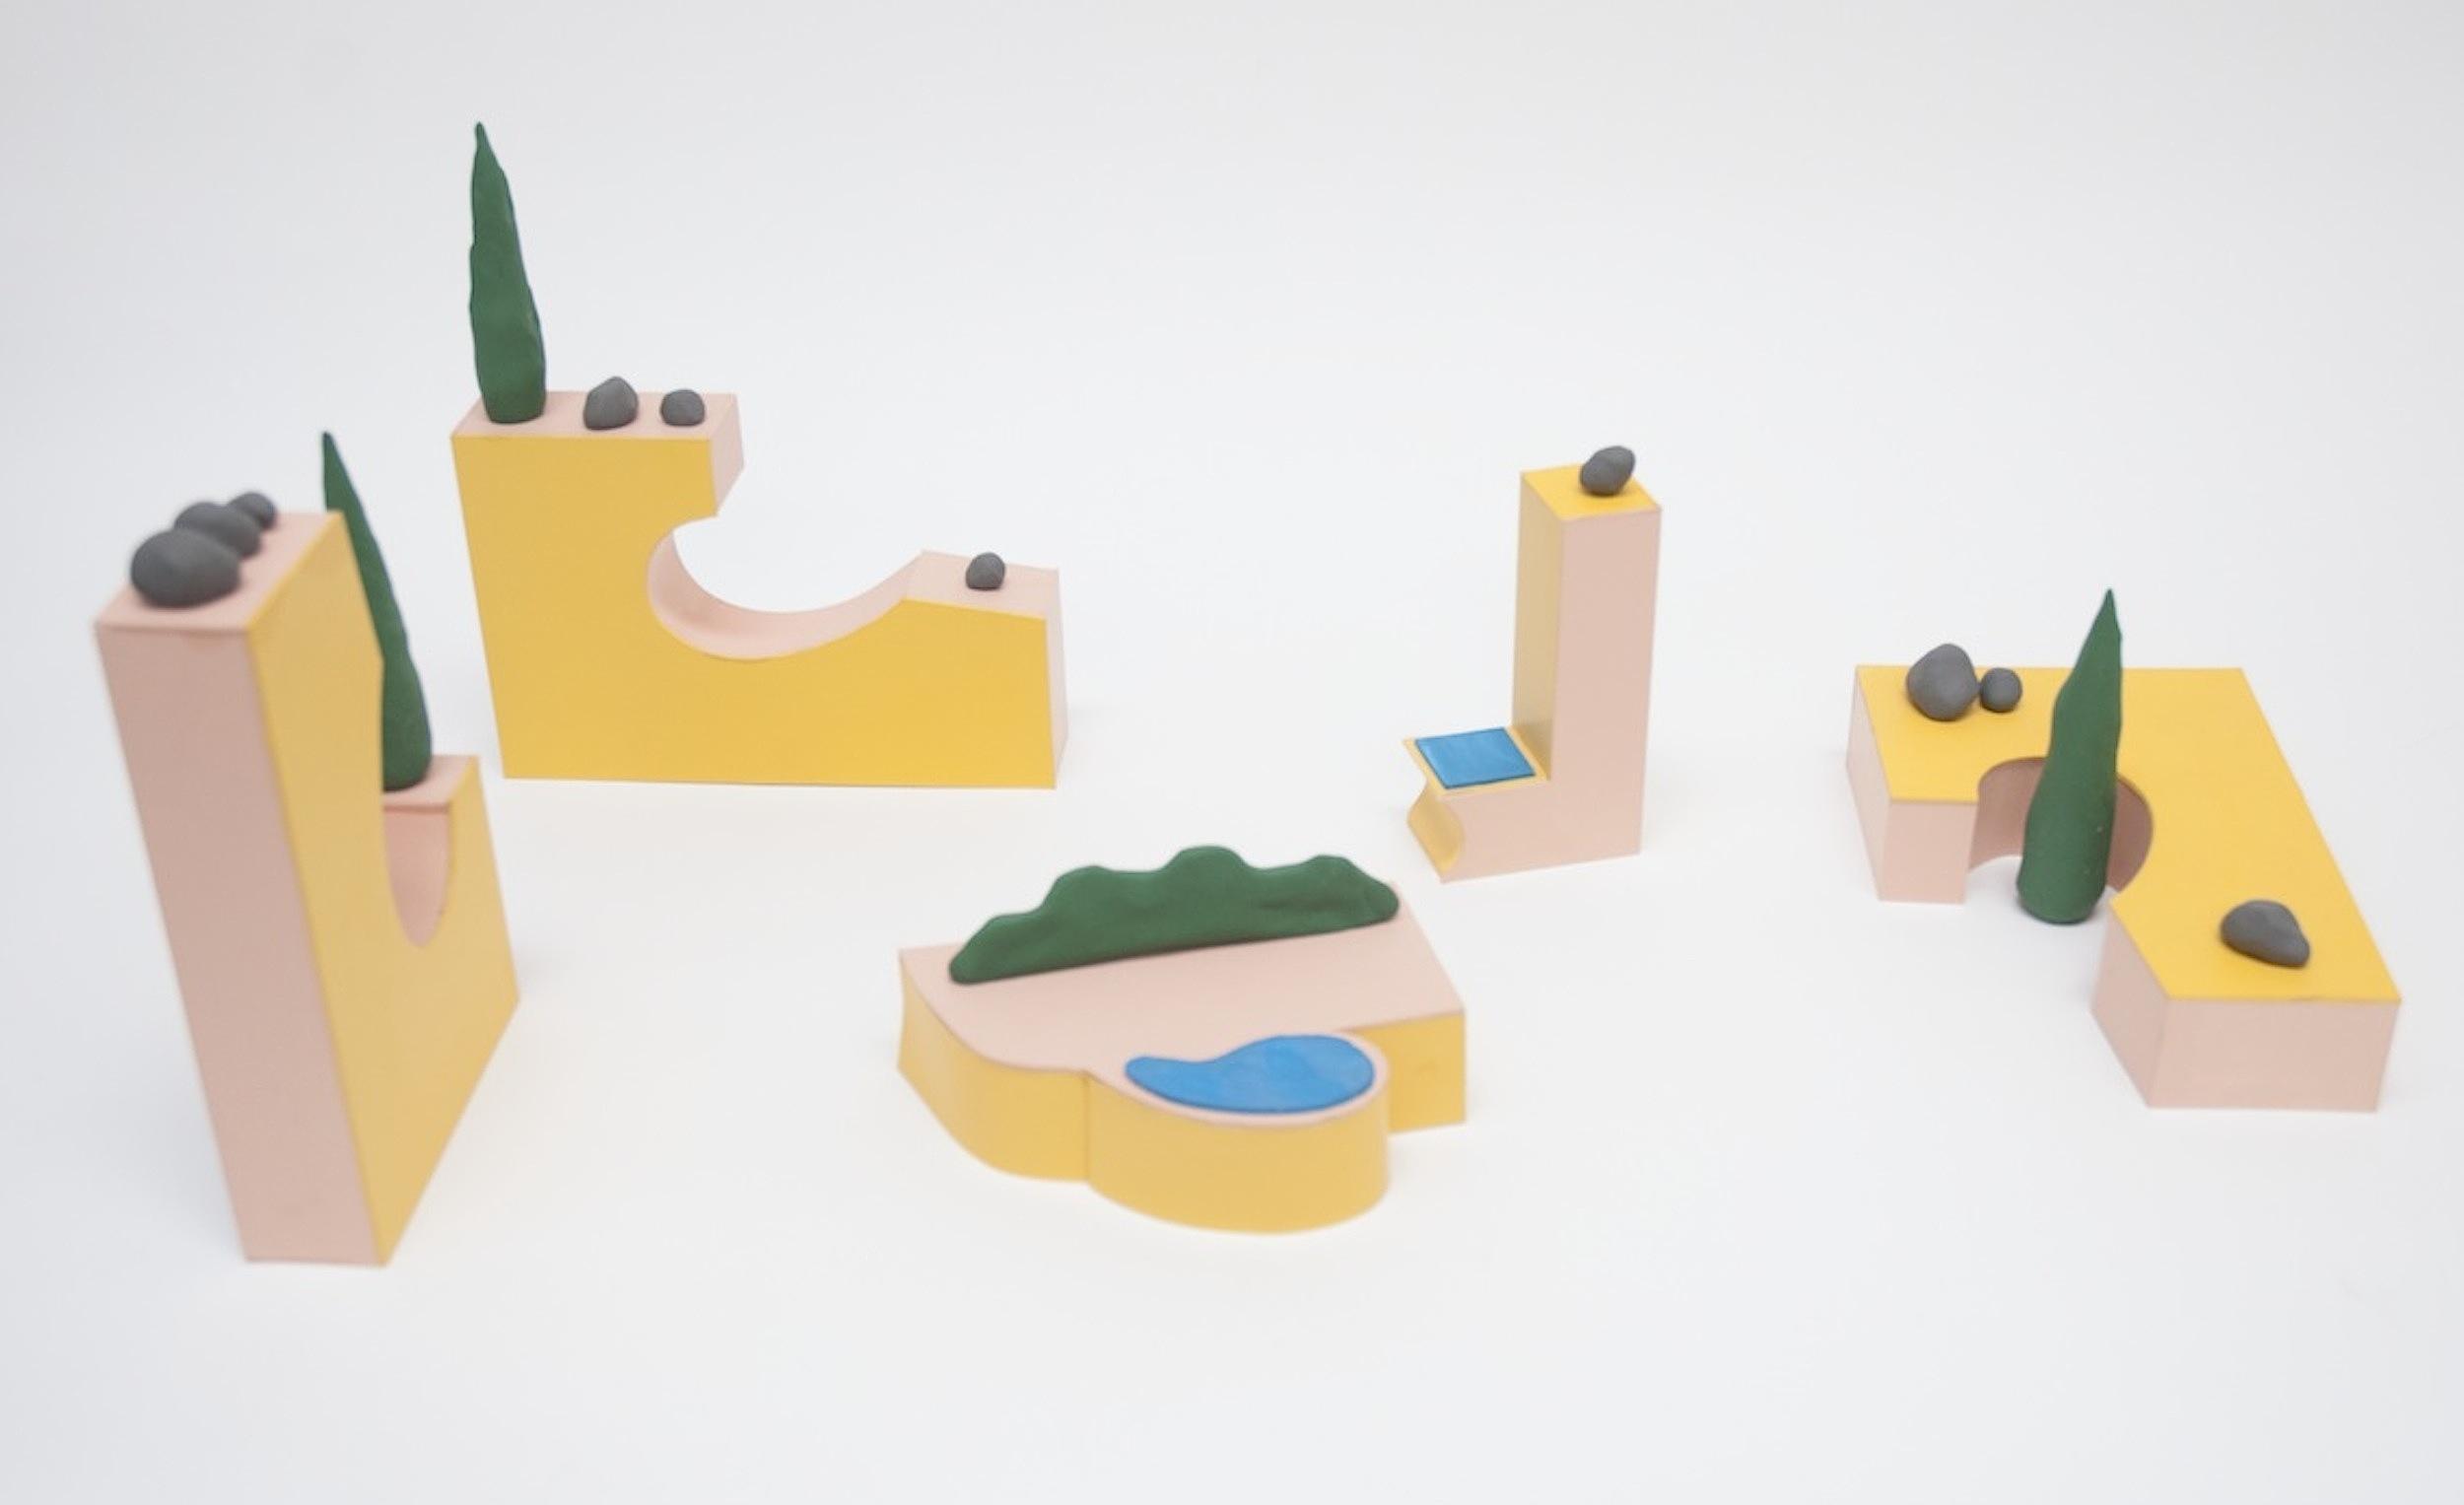 Sculpture arrangement   2016 Card, paint and plasticine, dimensions variable